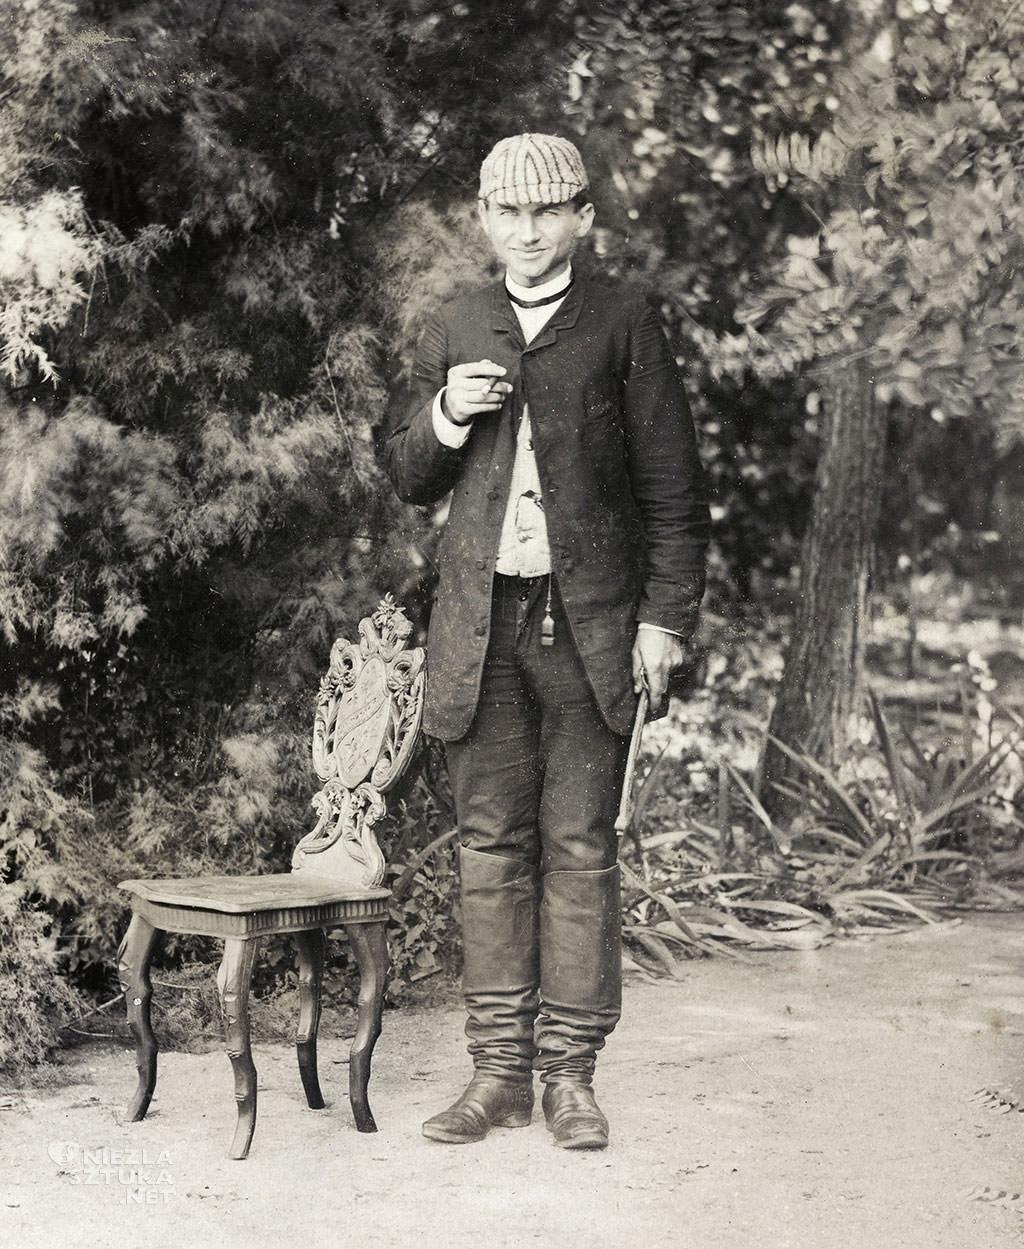 Soter Jaxa-Małachowski w Wolanowie, Wolanów, ok.1890, archiwalna fotografia, polski malarz, sztuka polska, Niezła sztuka